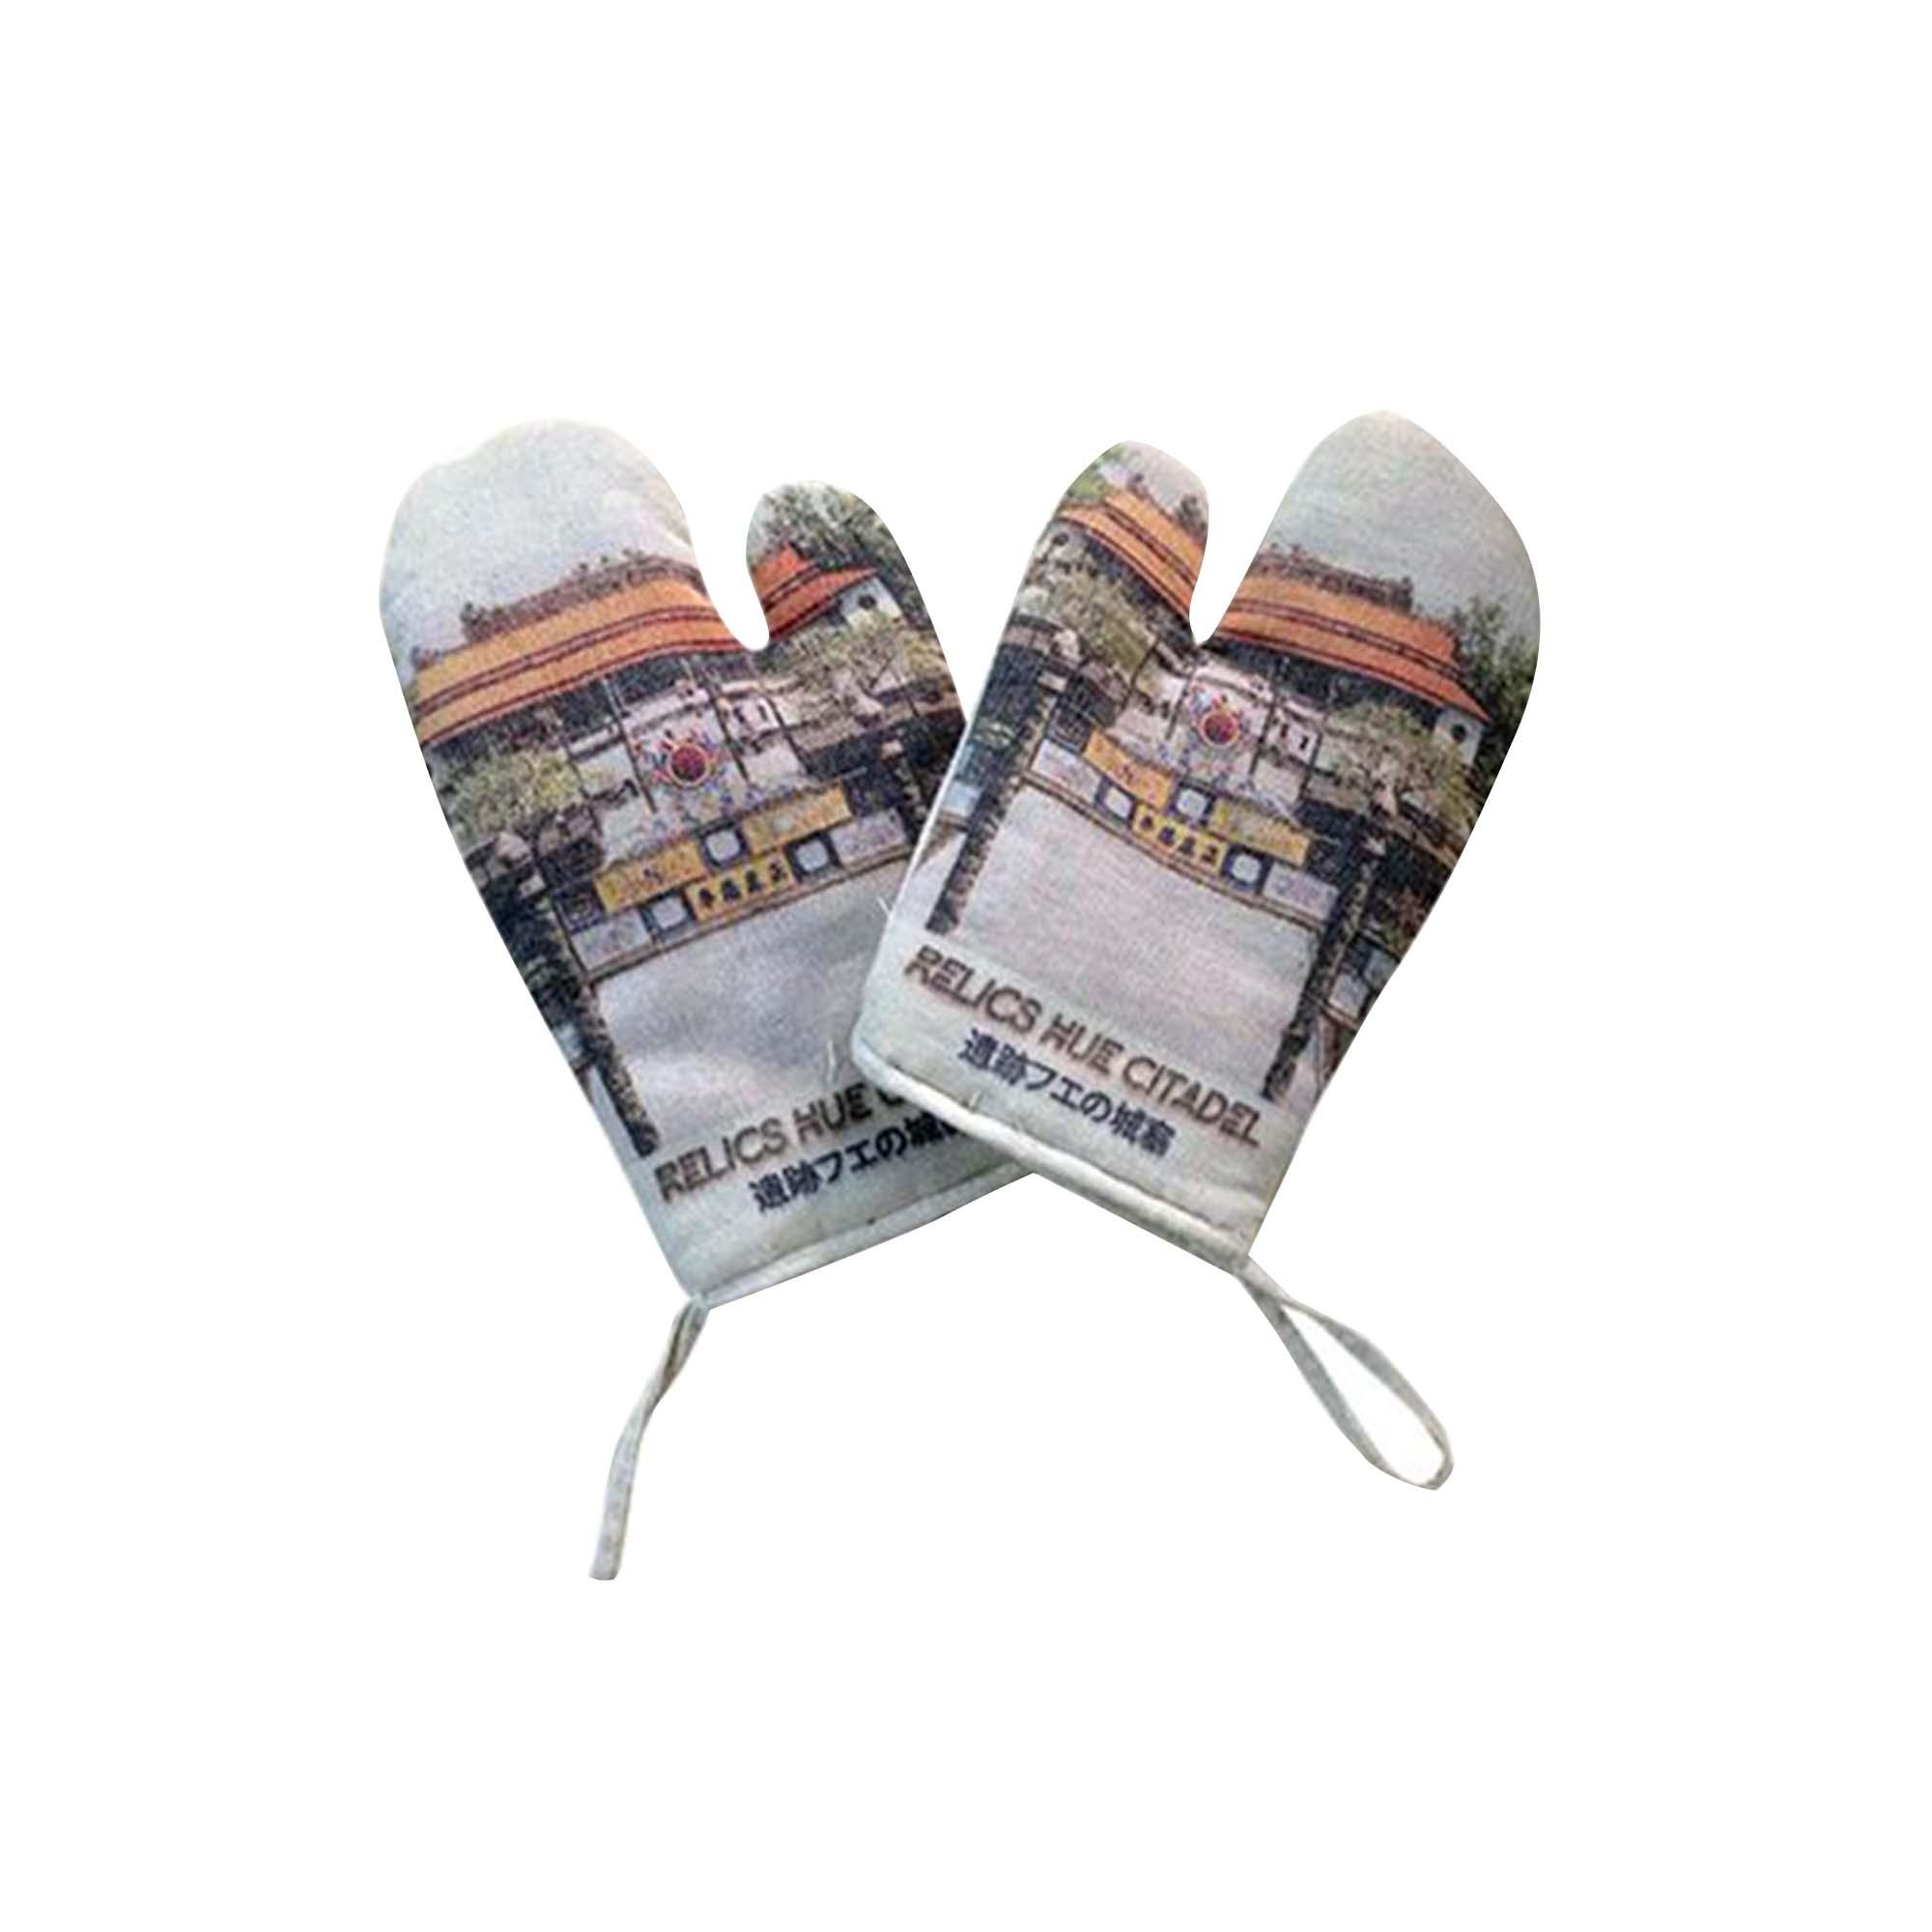 Apron - Mitten - Glove 7